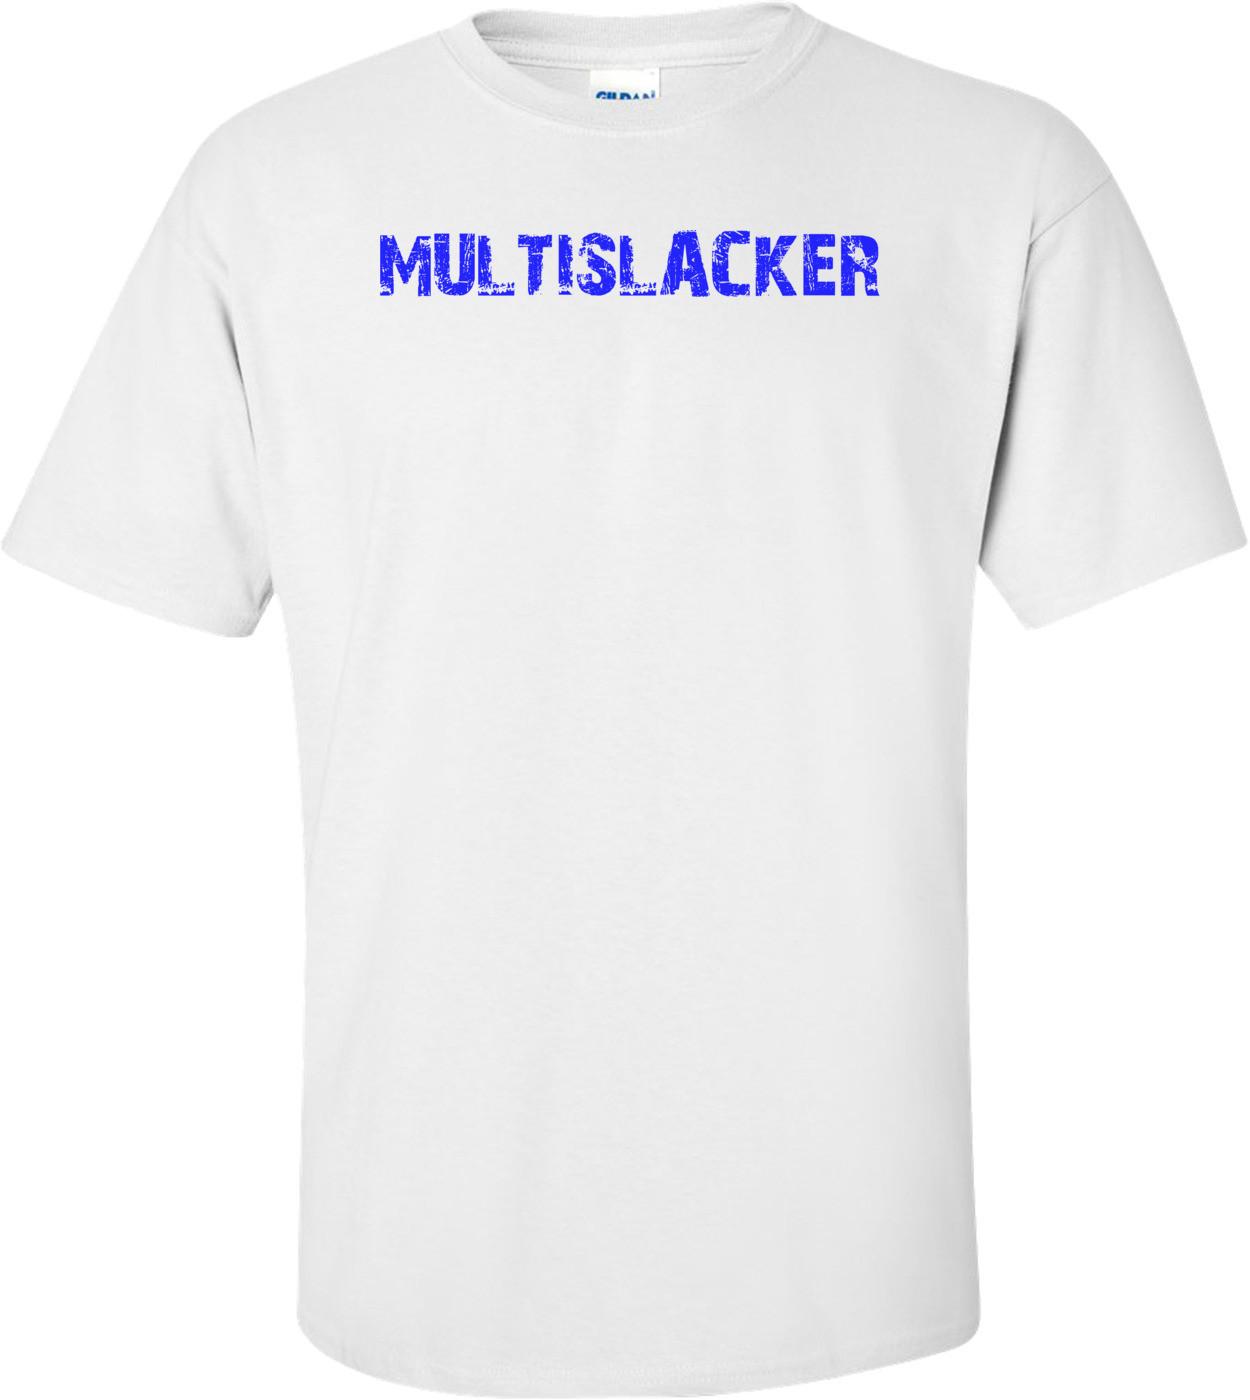 MULTISLACKER Shirt